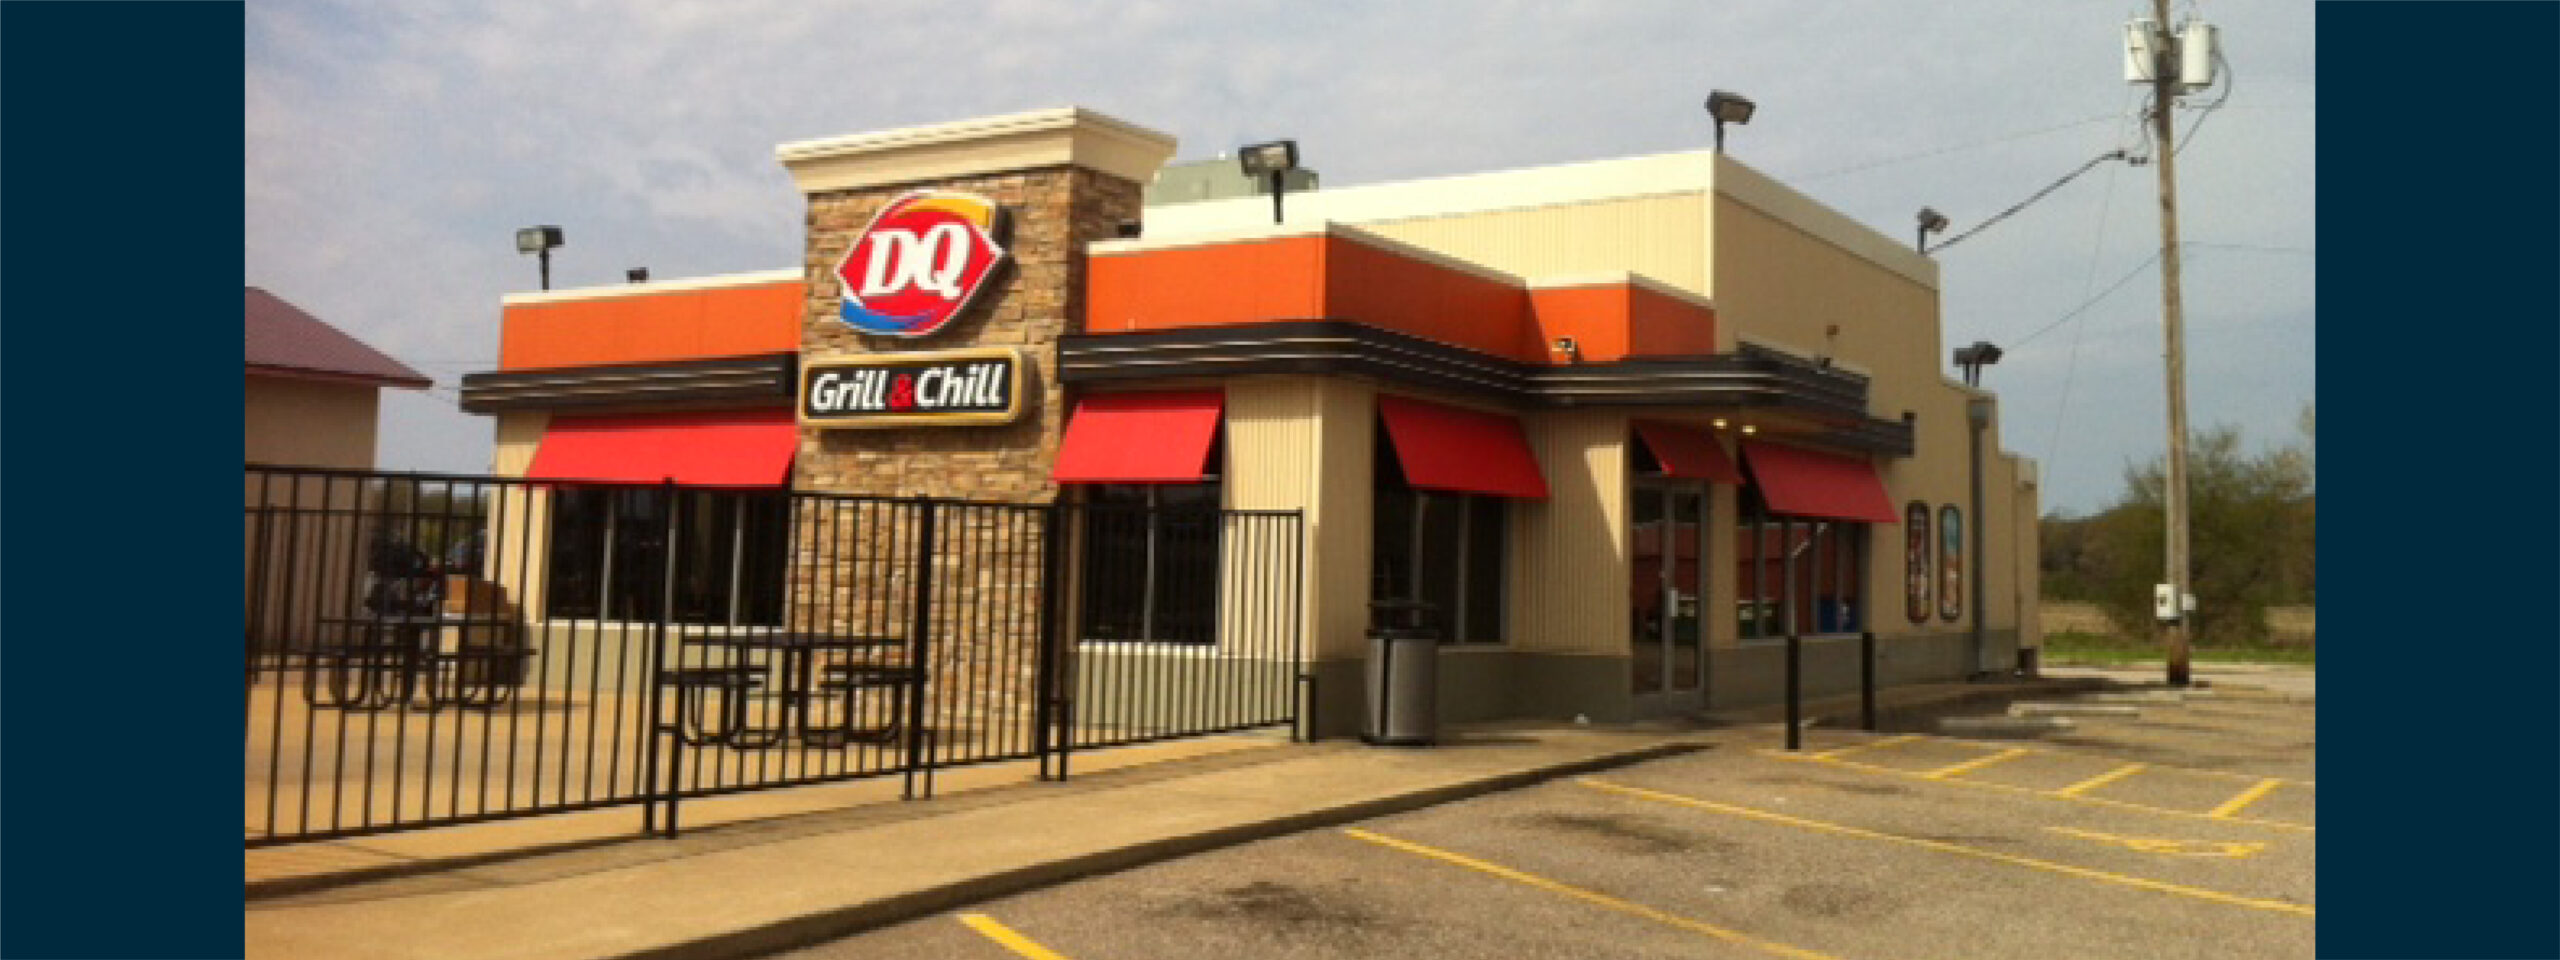 Wildersville, TN Fourteen Foods DQ Restaurant